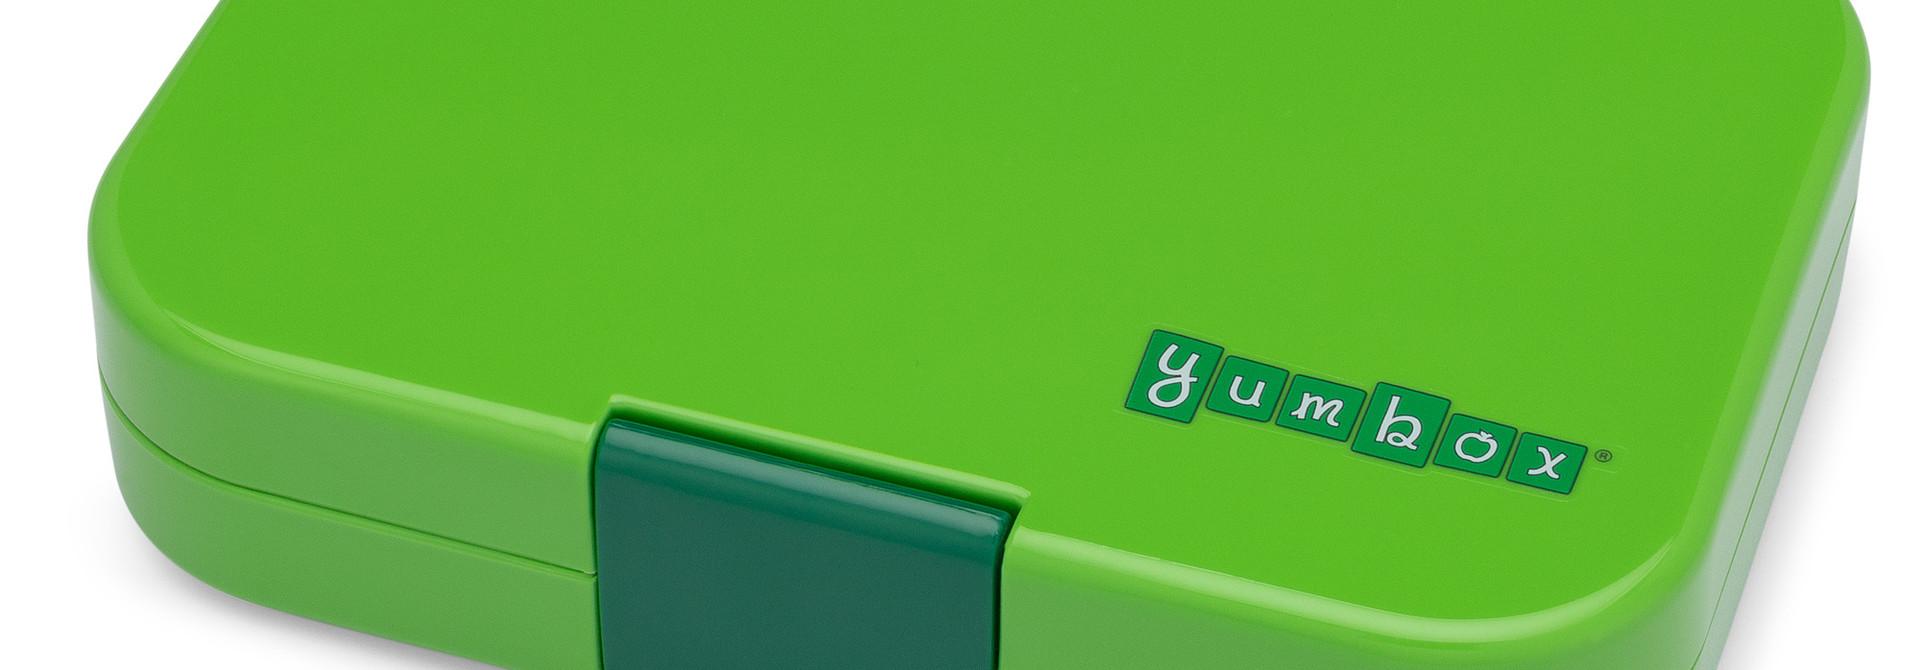 Yumbox Panino exterior box Go Green